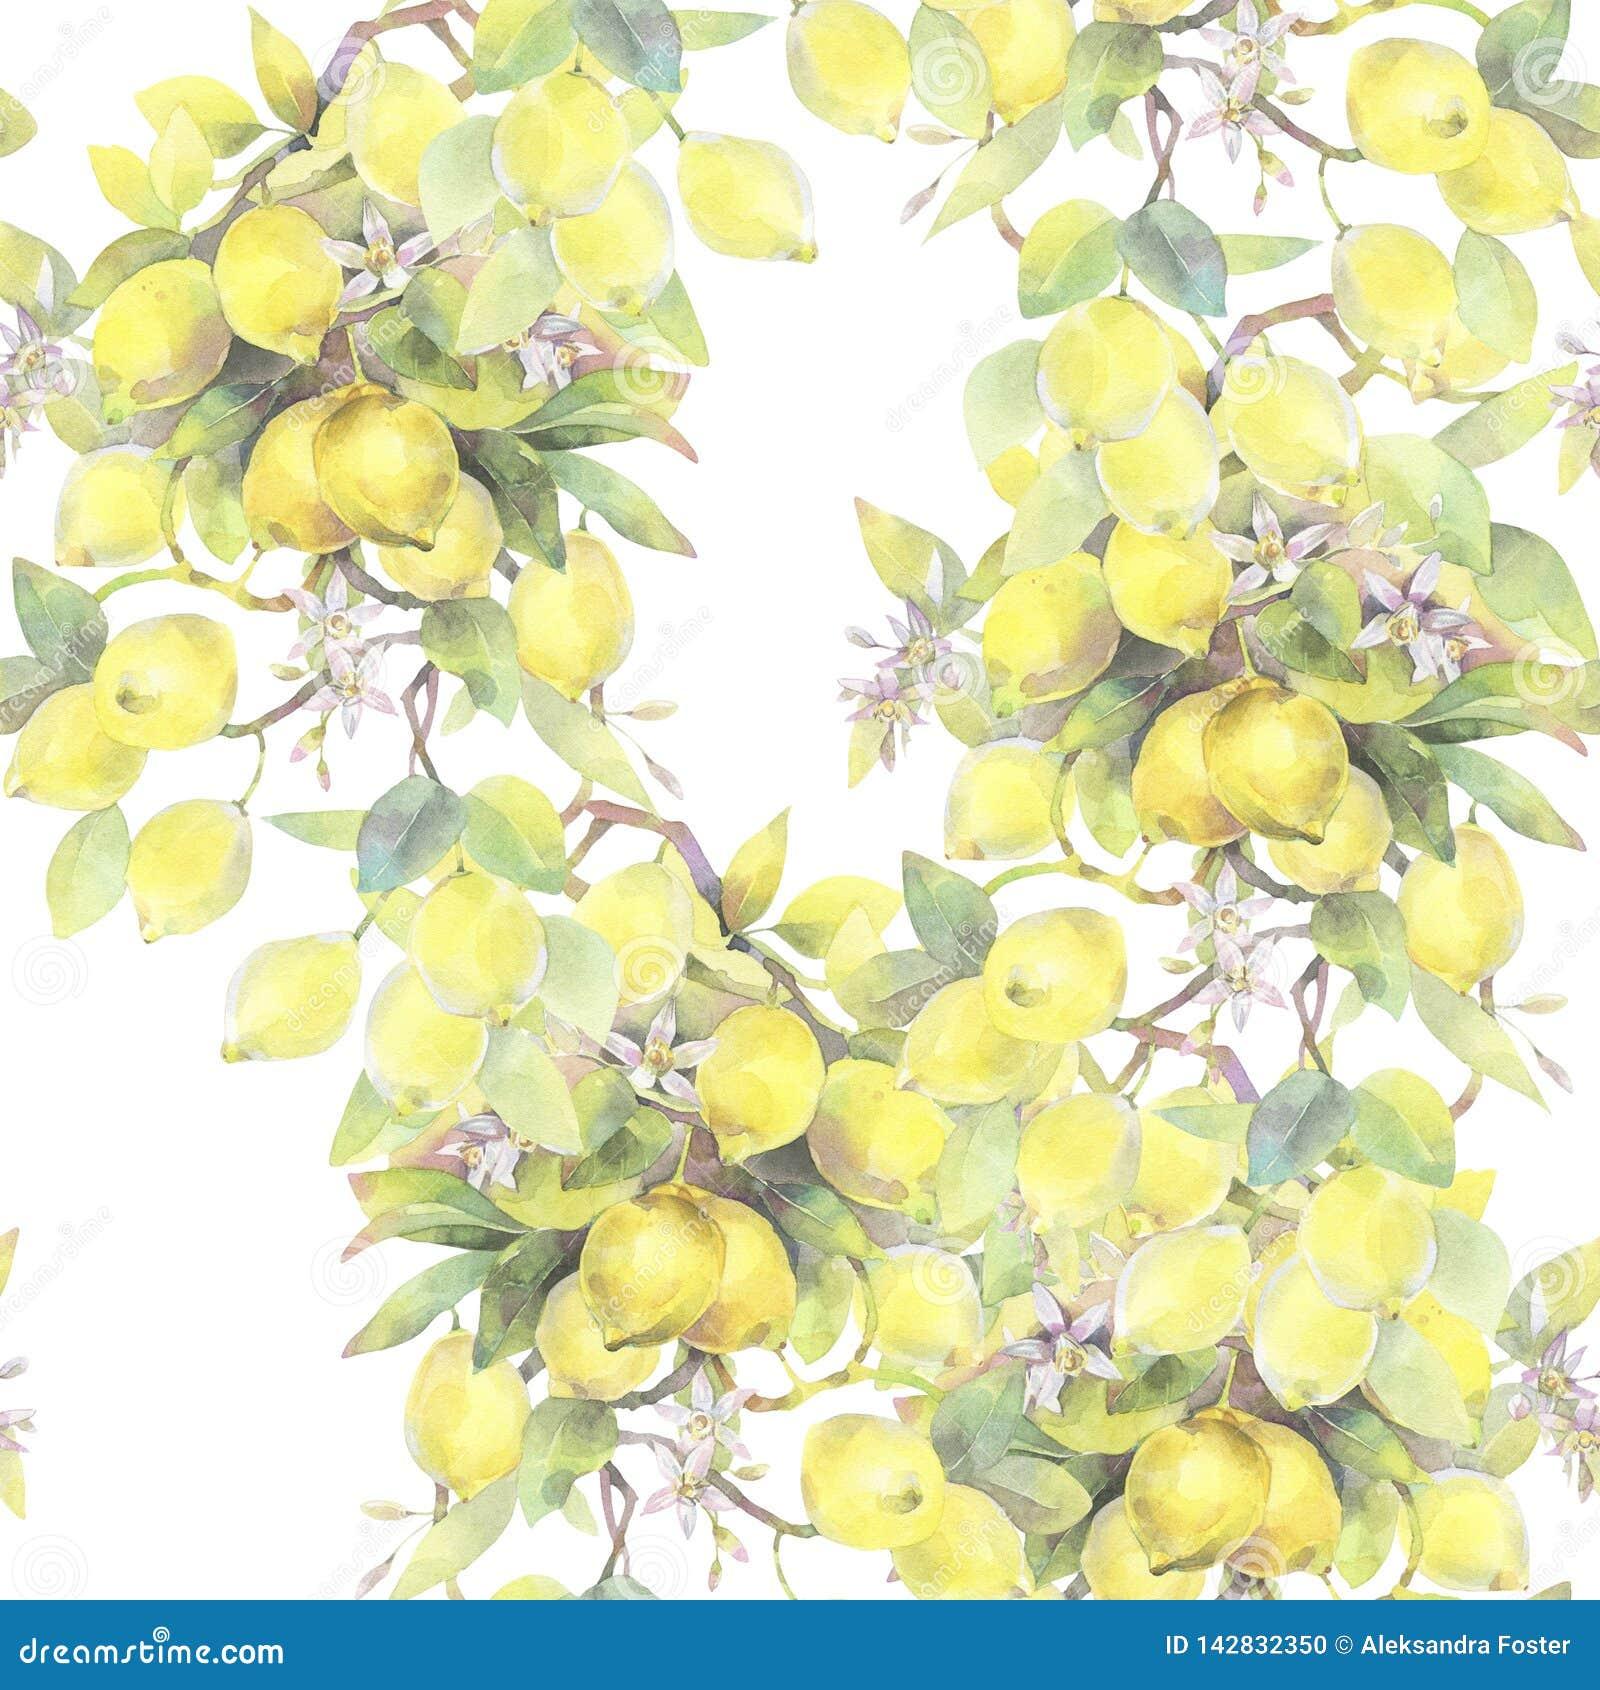 Handgemalte Aquarellillustration nahtloses Muster mit Zitronenbaumniederlassungselementen